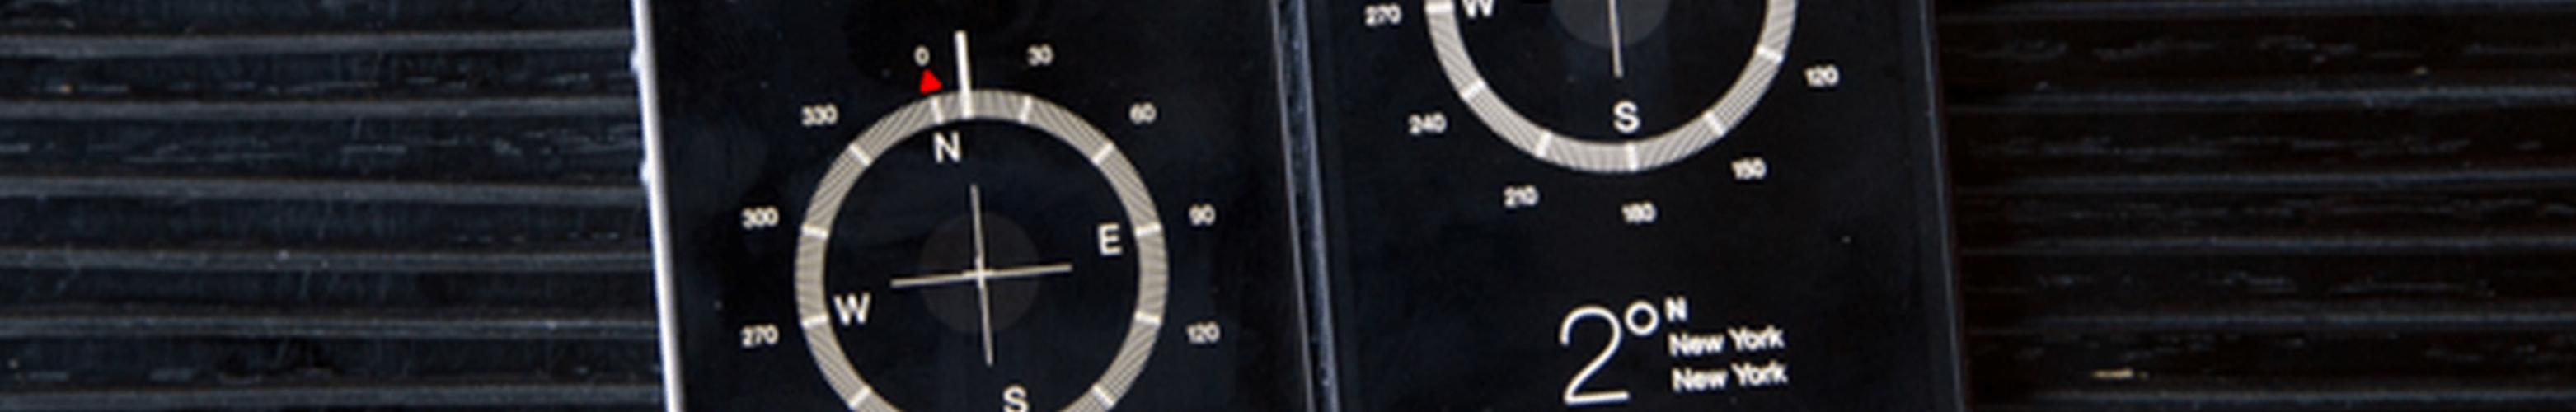 Как пользоваться компасом в iPhone?